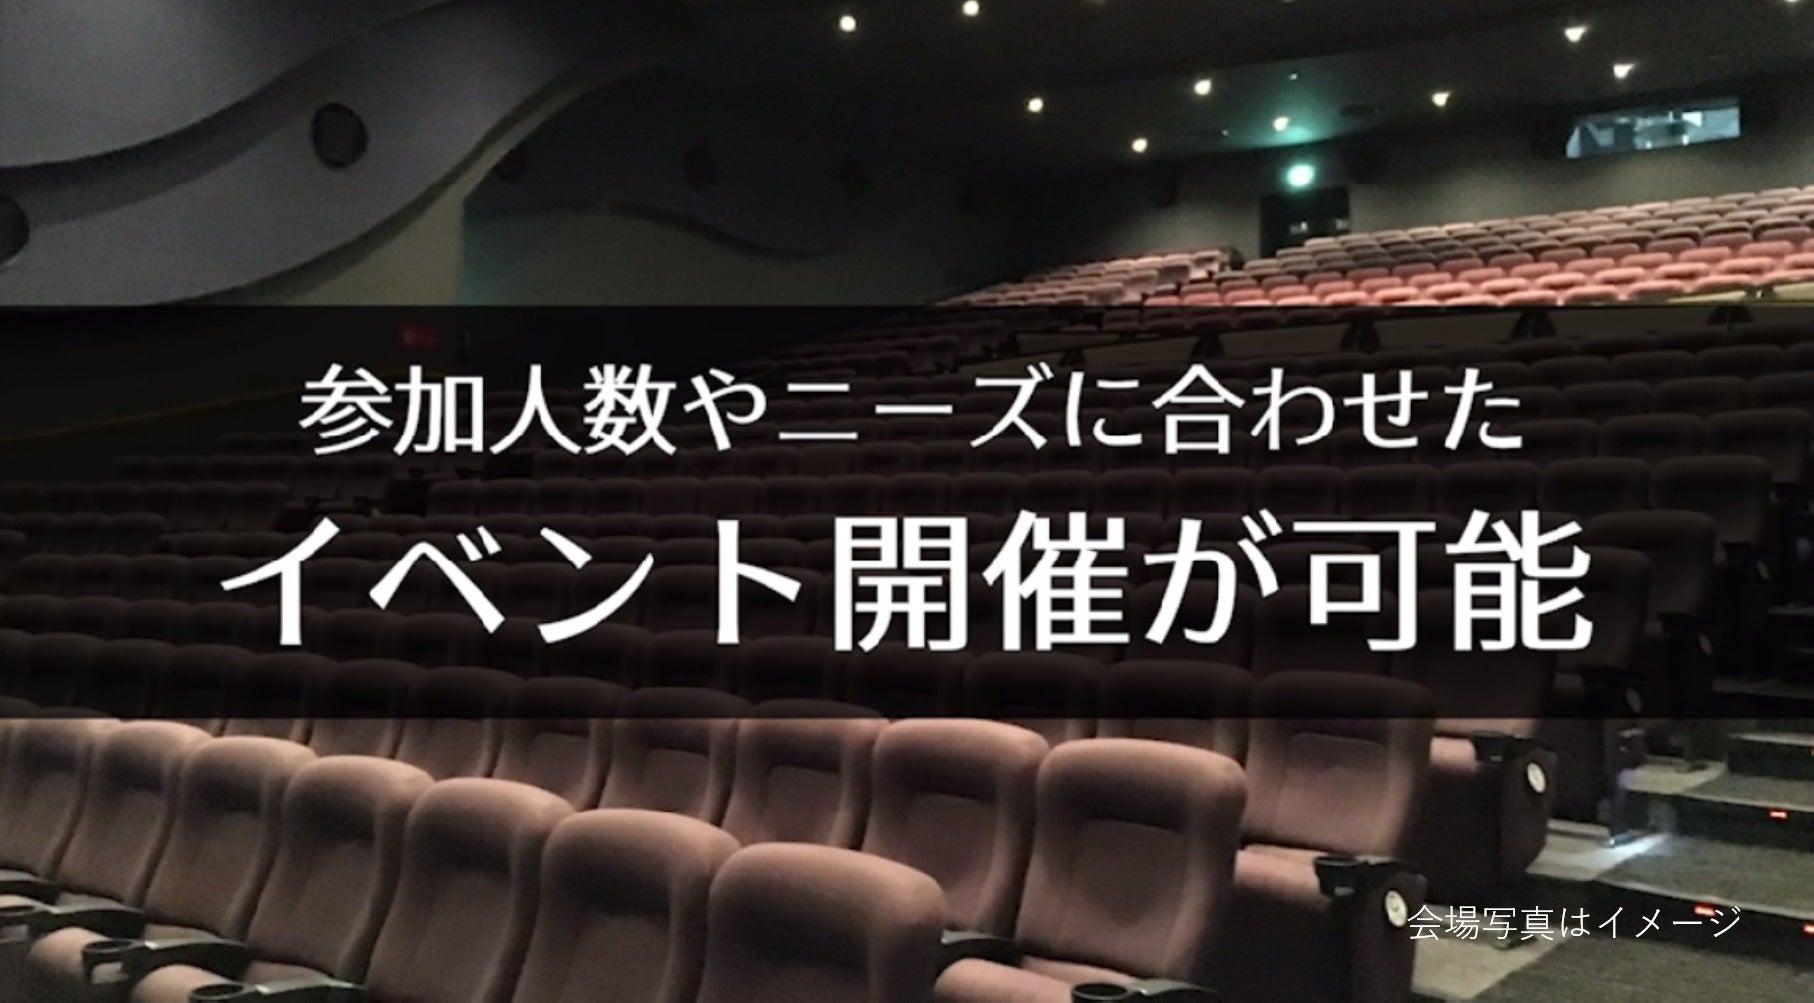 【橿原 195席】映画館で、会社説明会、株主総会、講演会の企画はいかがですか? の写真